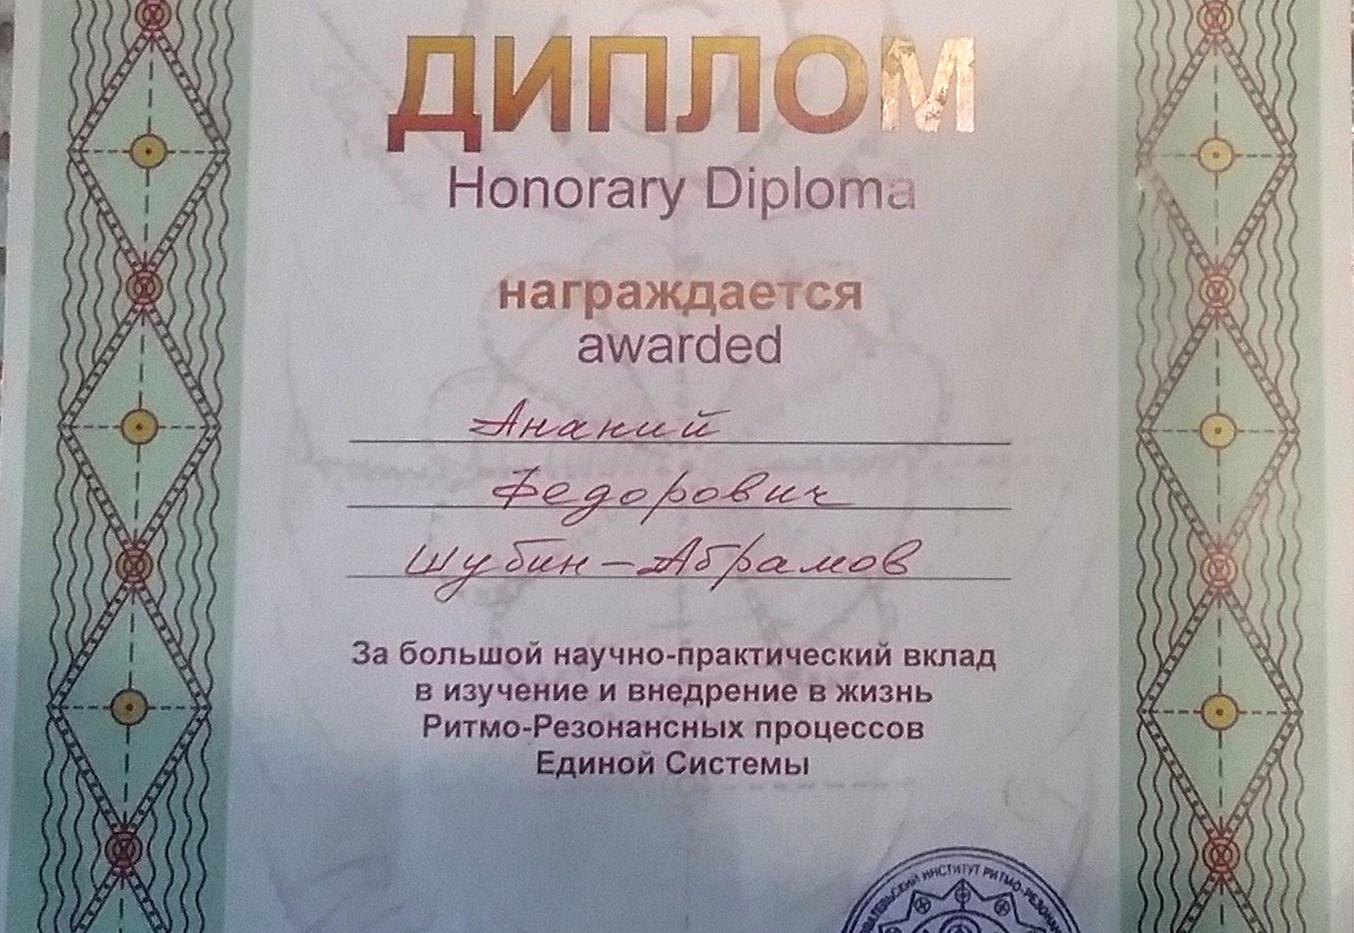 Почётный Диплом за большой научно-практический вклад в изучении и внедрении в жизнь Ритмо-Резонансных процессов Единой Системы